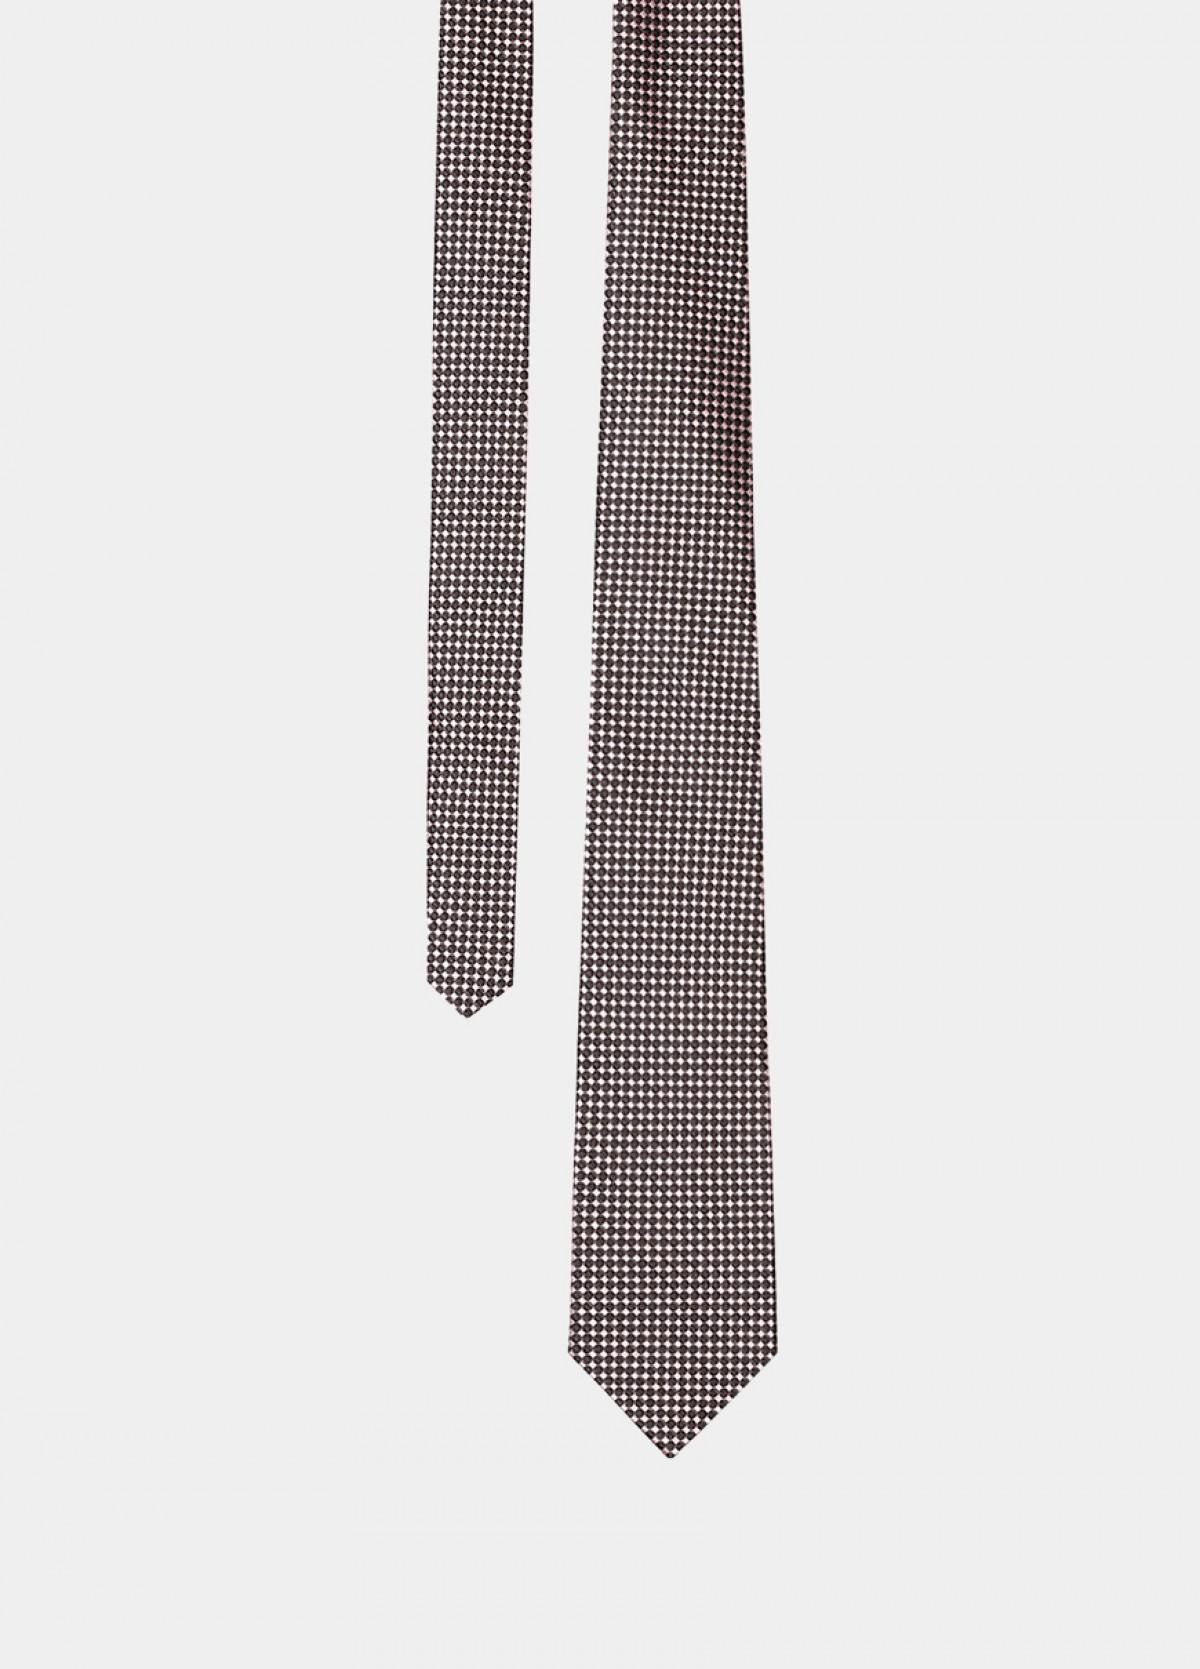 The Pink Silk Tie